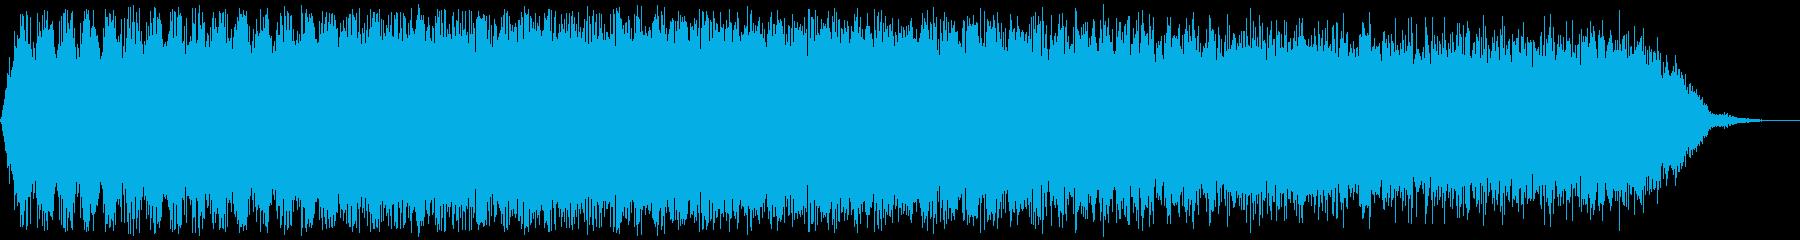 【アンビエント】ドローン_23 実験音の再生済みの波形